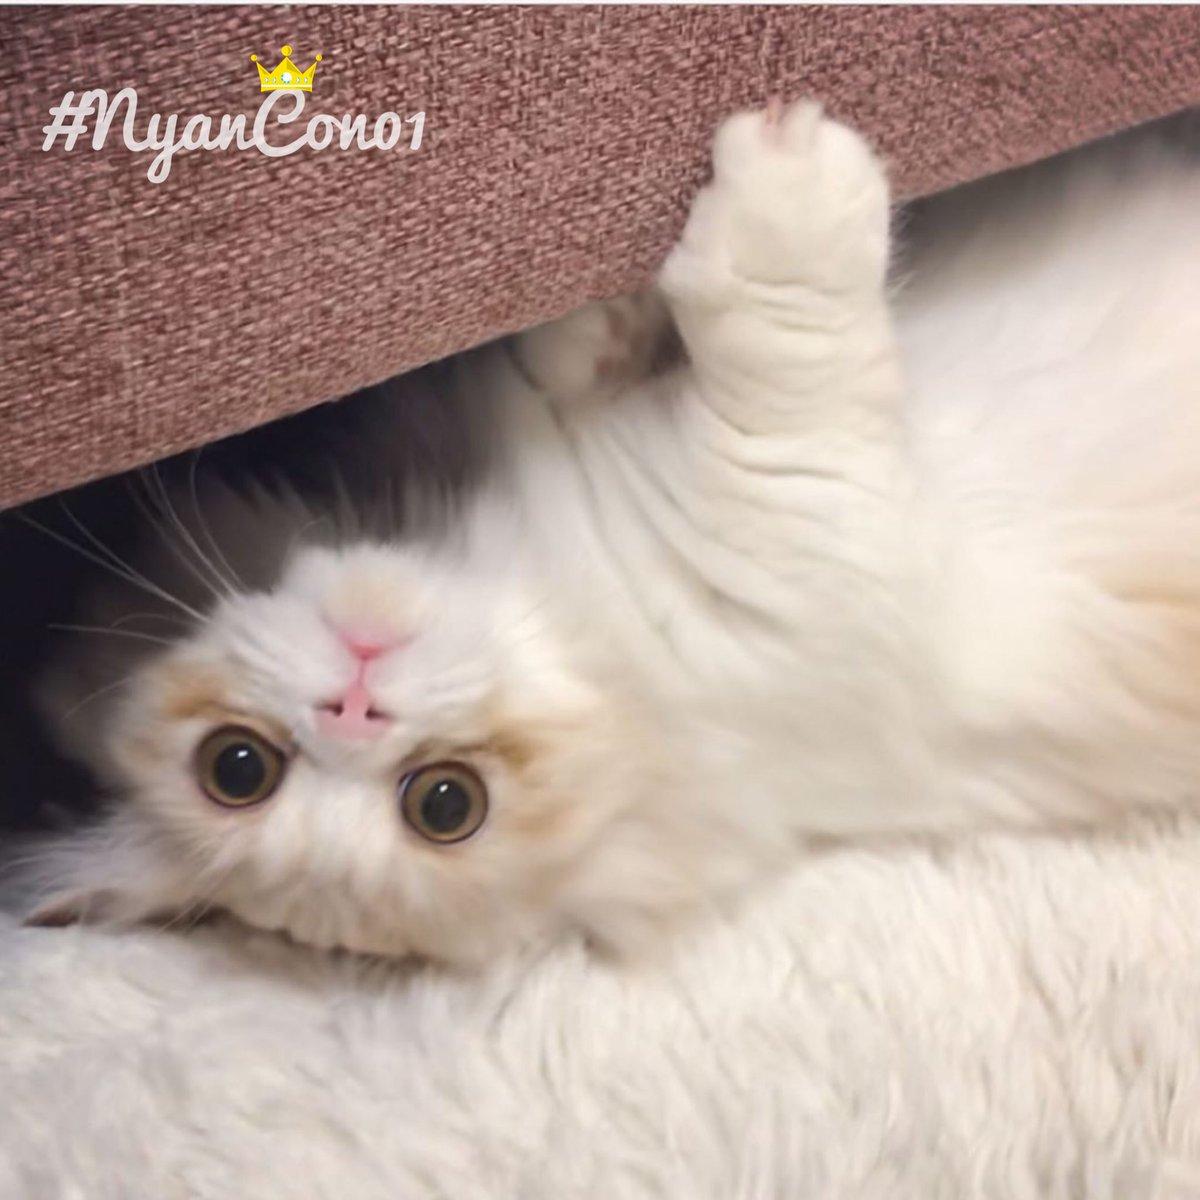 今日のニャンコ♡ #nyancon01  #ニャンコン #cat